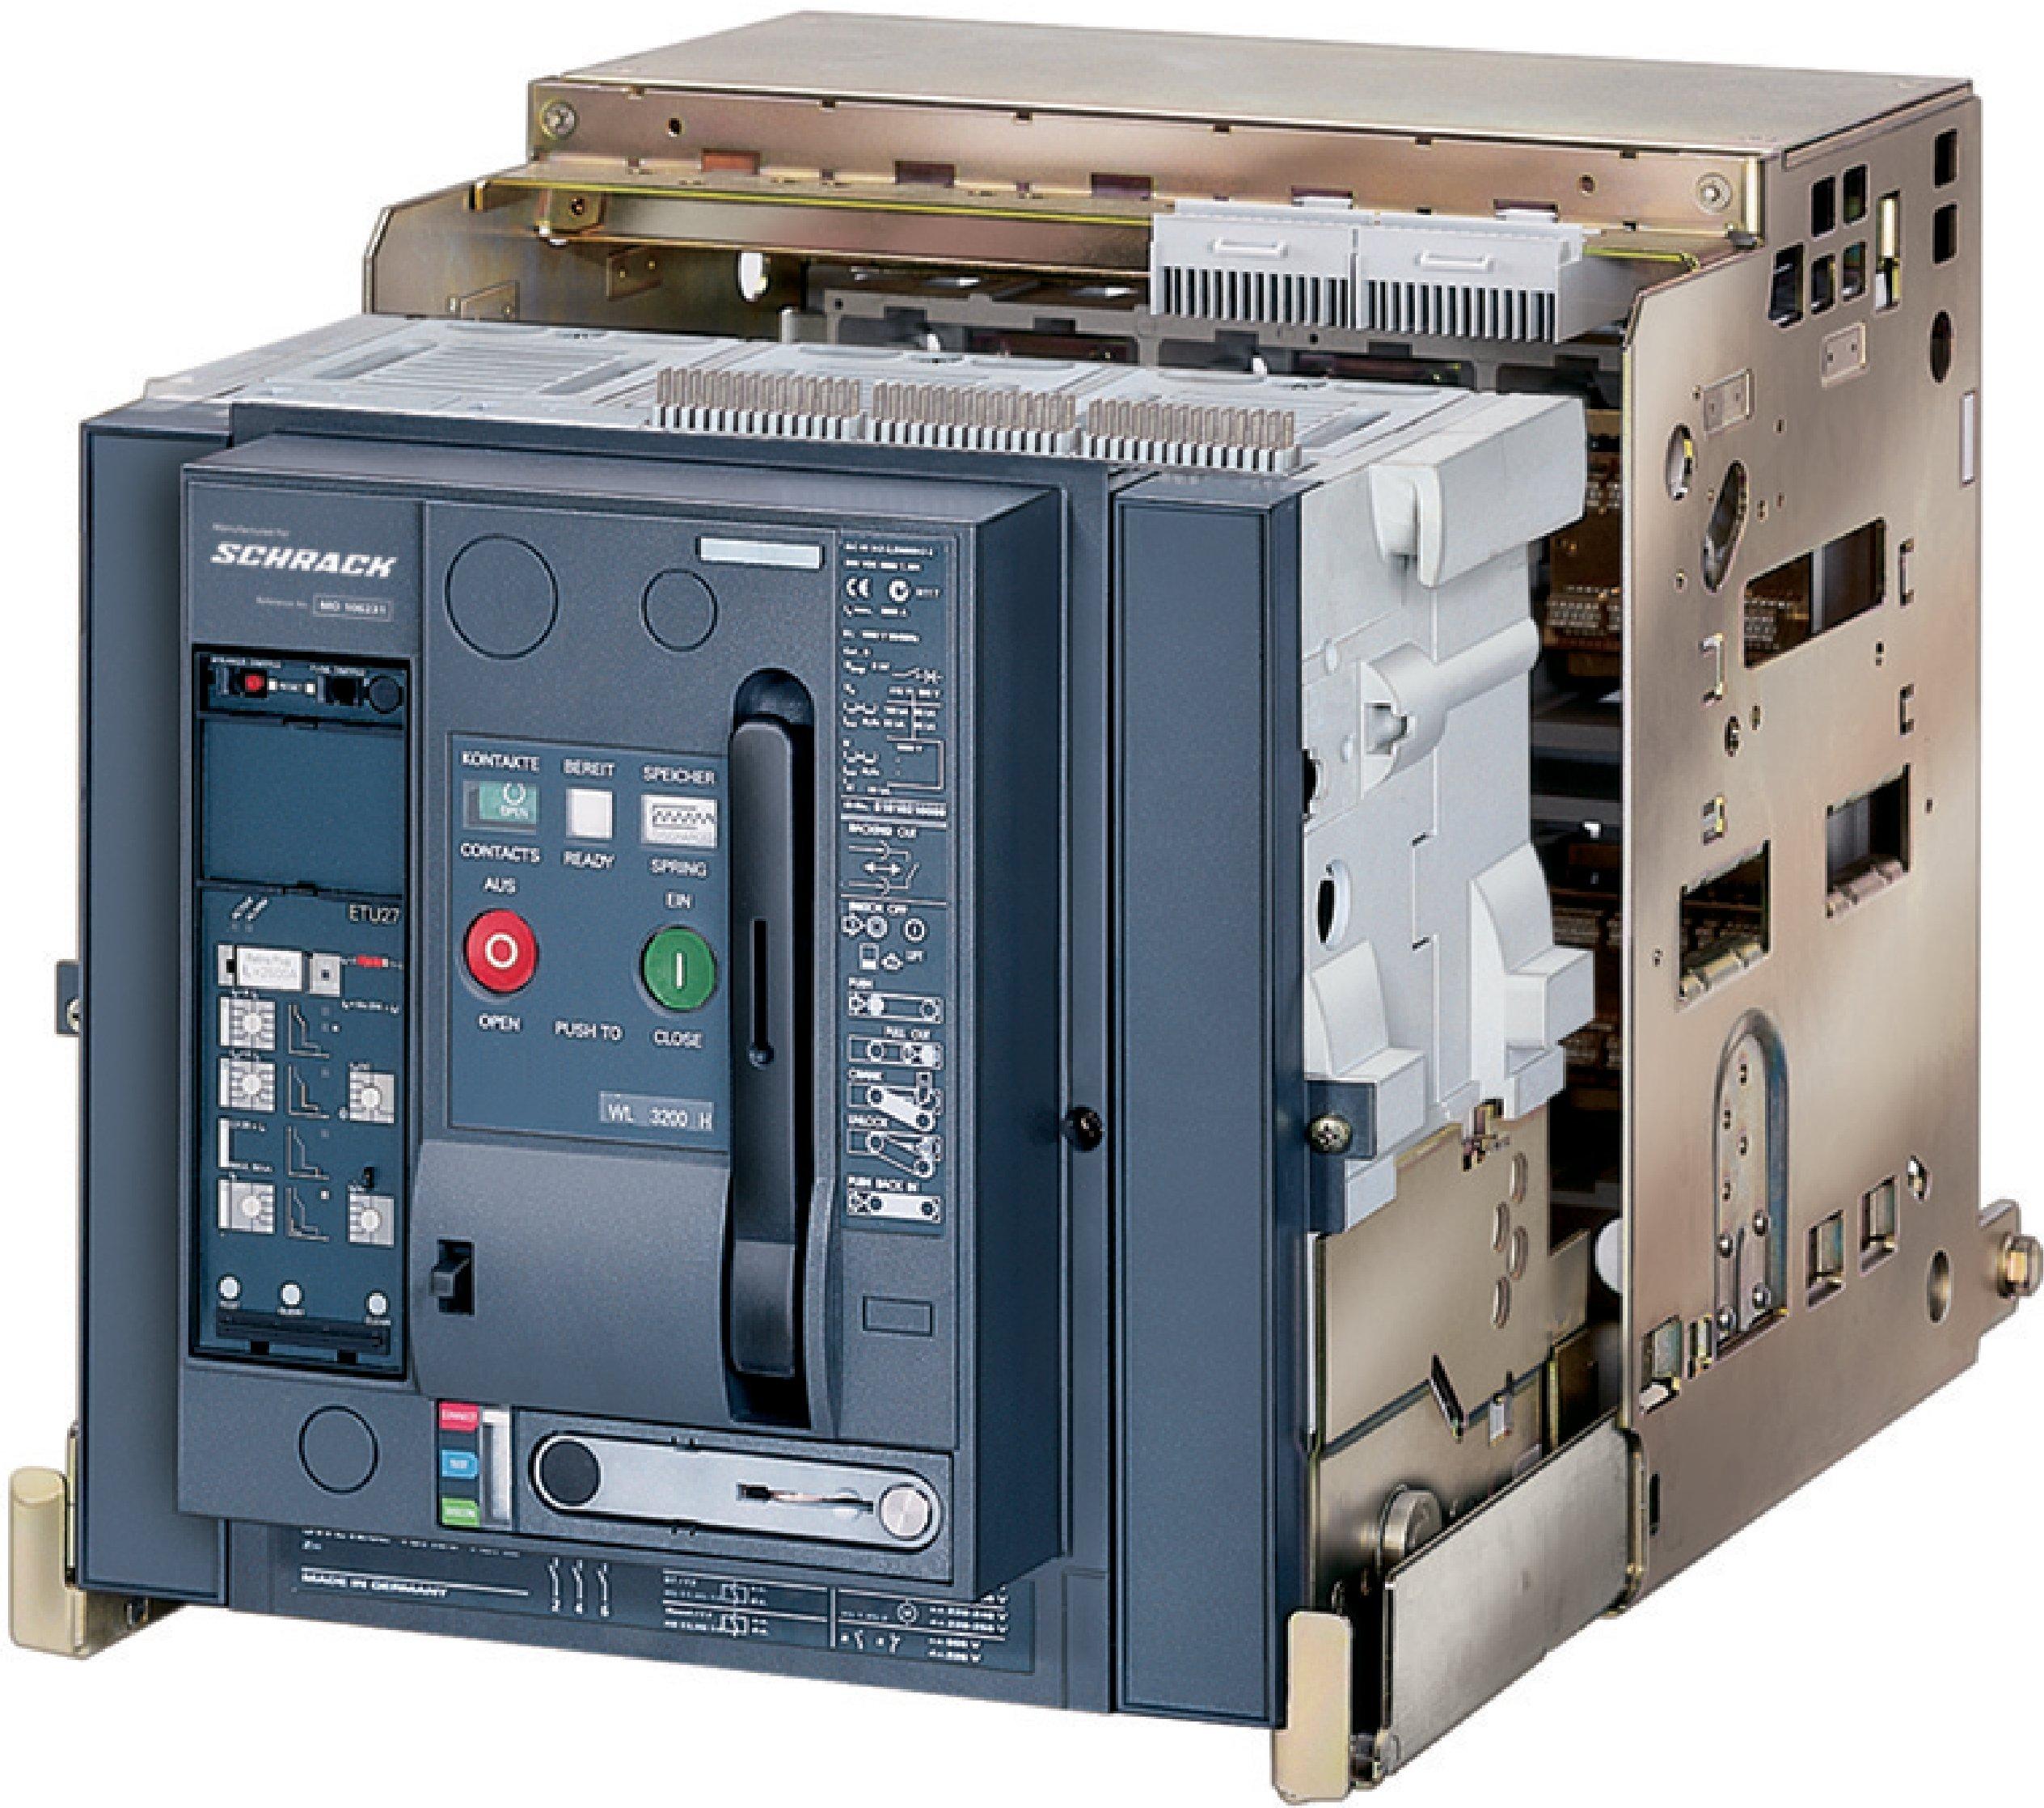 1 Stk Leistungsschalter, MO2, 3-polig, 2000A, 80kA, ausfahrbar, RH MO220336--